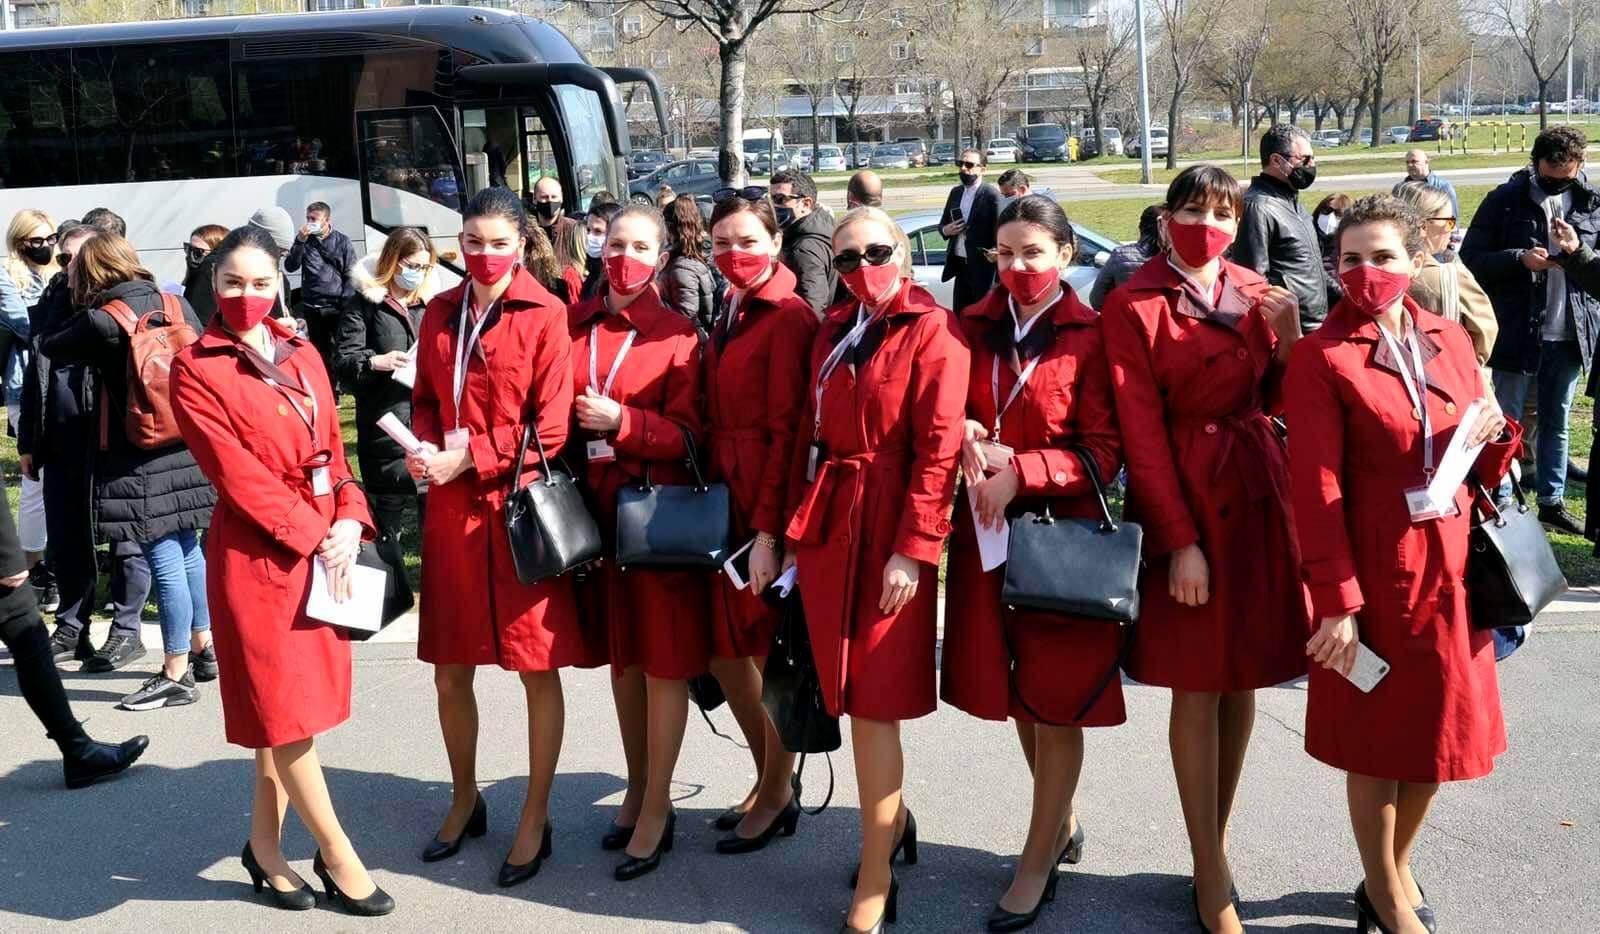 albán A PANDÉMIA EGYESÍTŐ EREJE: A tiranai Albawings stewardessei Belgrádban kapták meg az oltást 165341695 4364846736876532 8109600535832127019 o